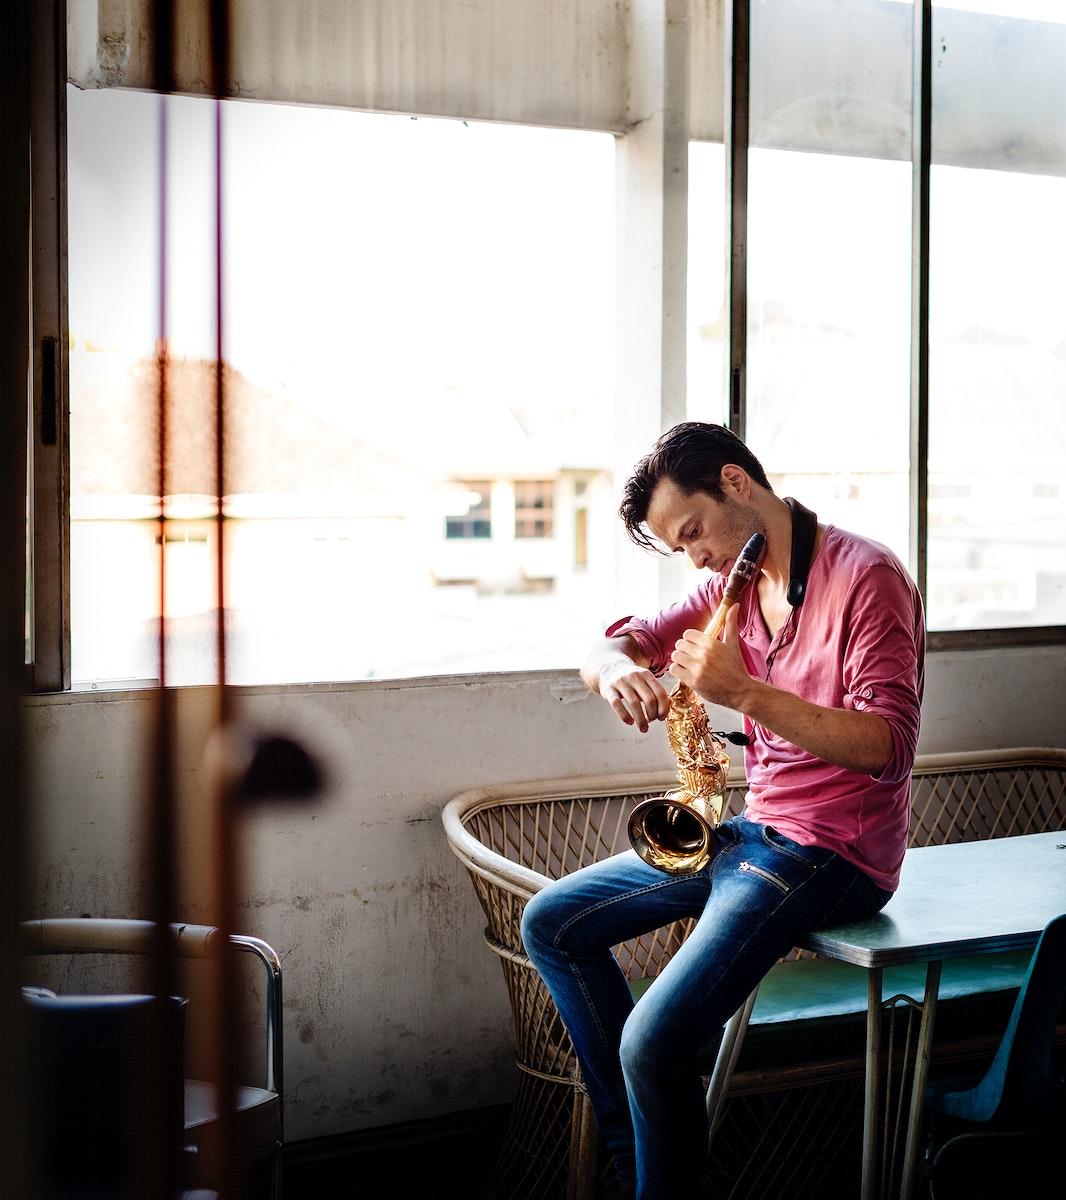 Man tuning saxophone